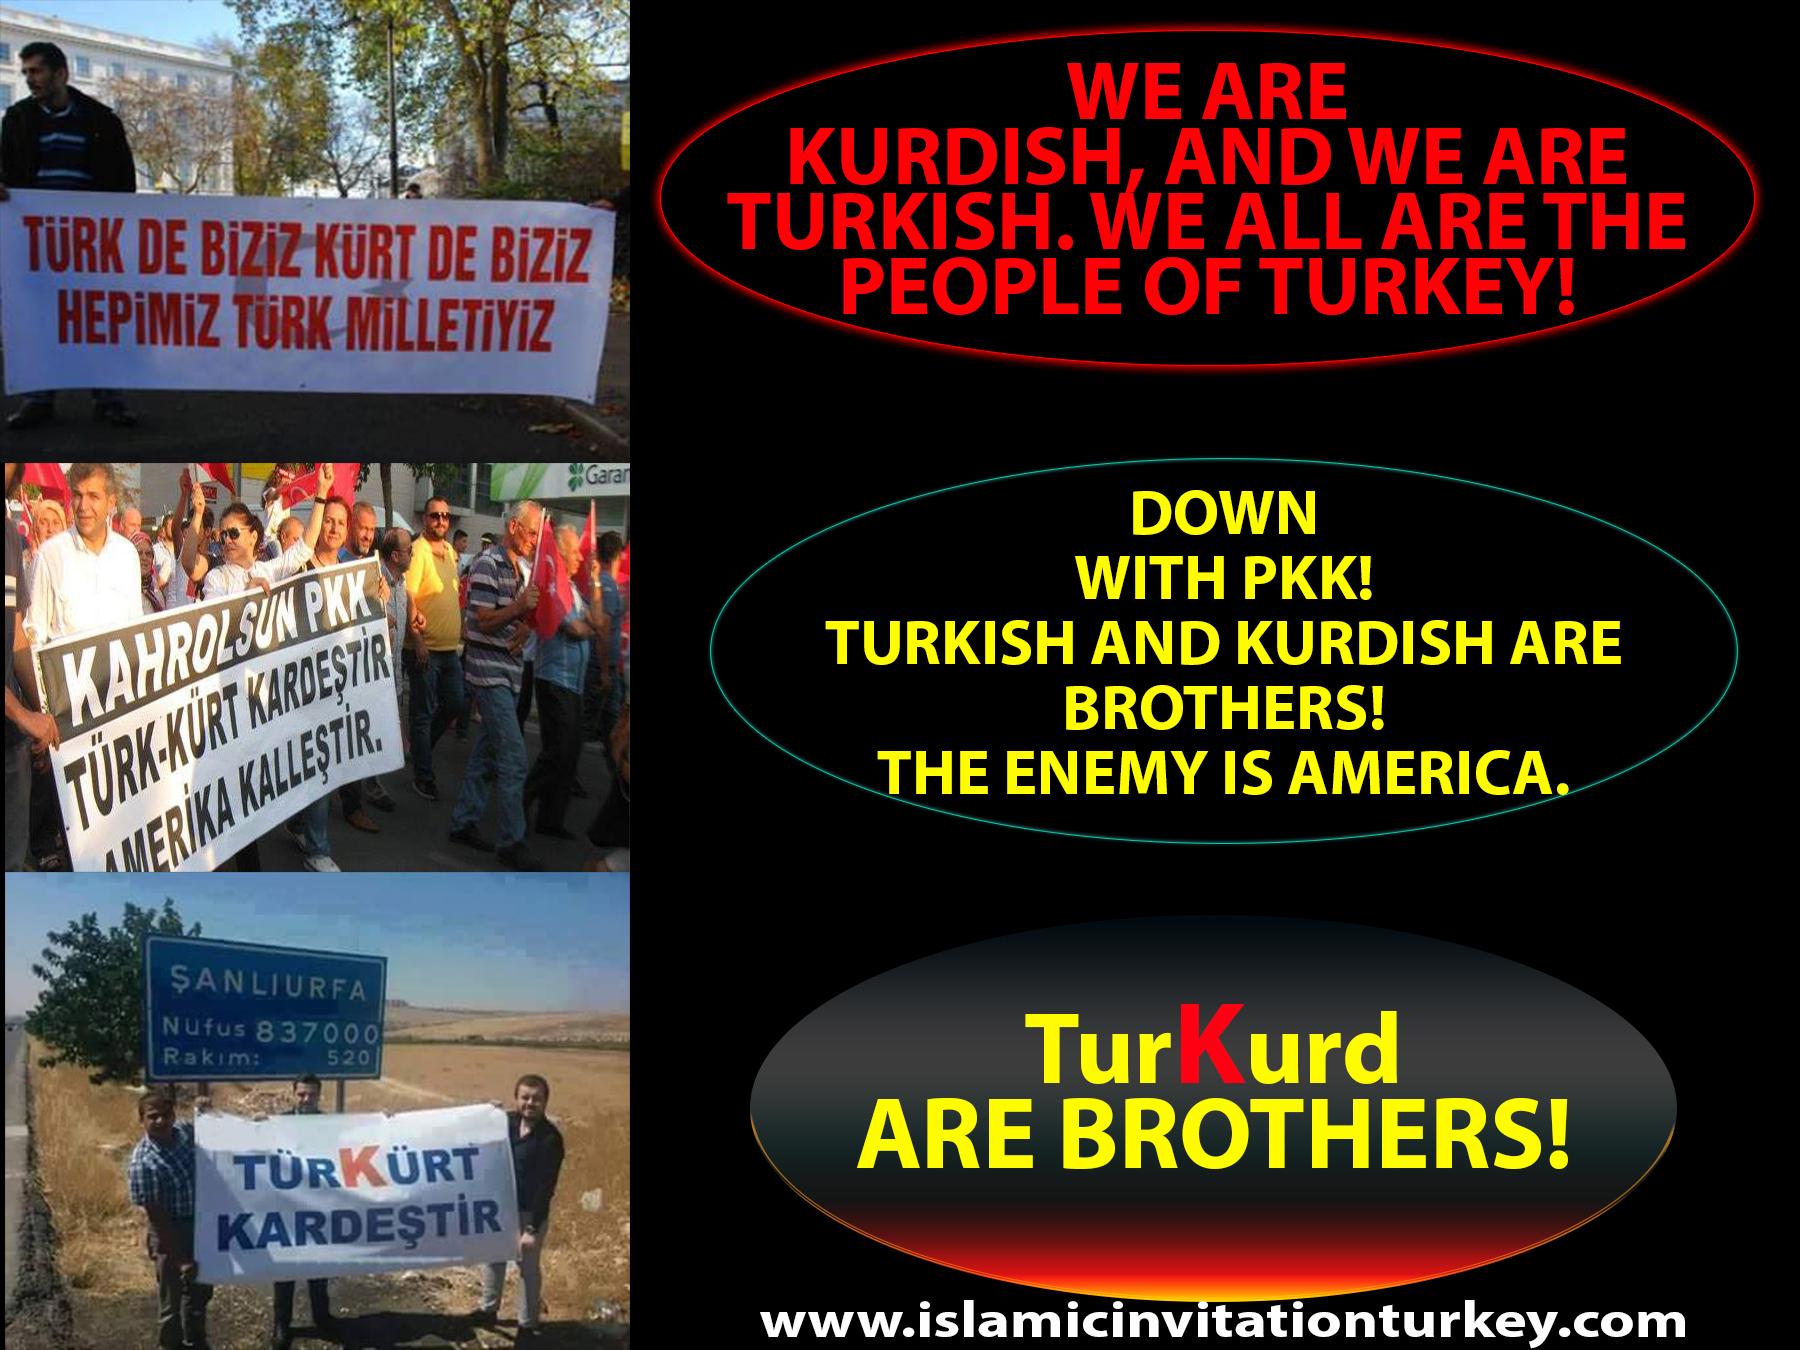 turKurd